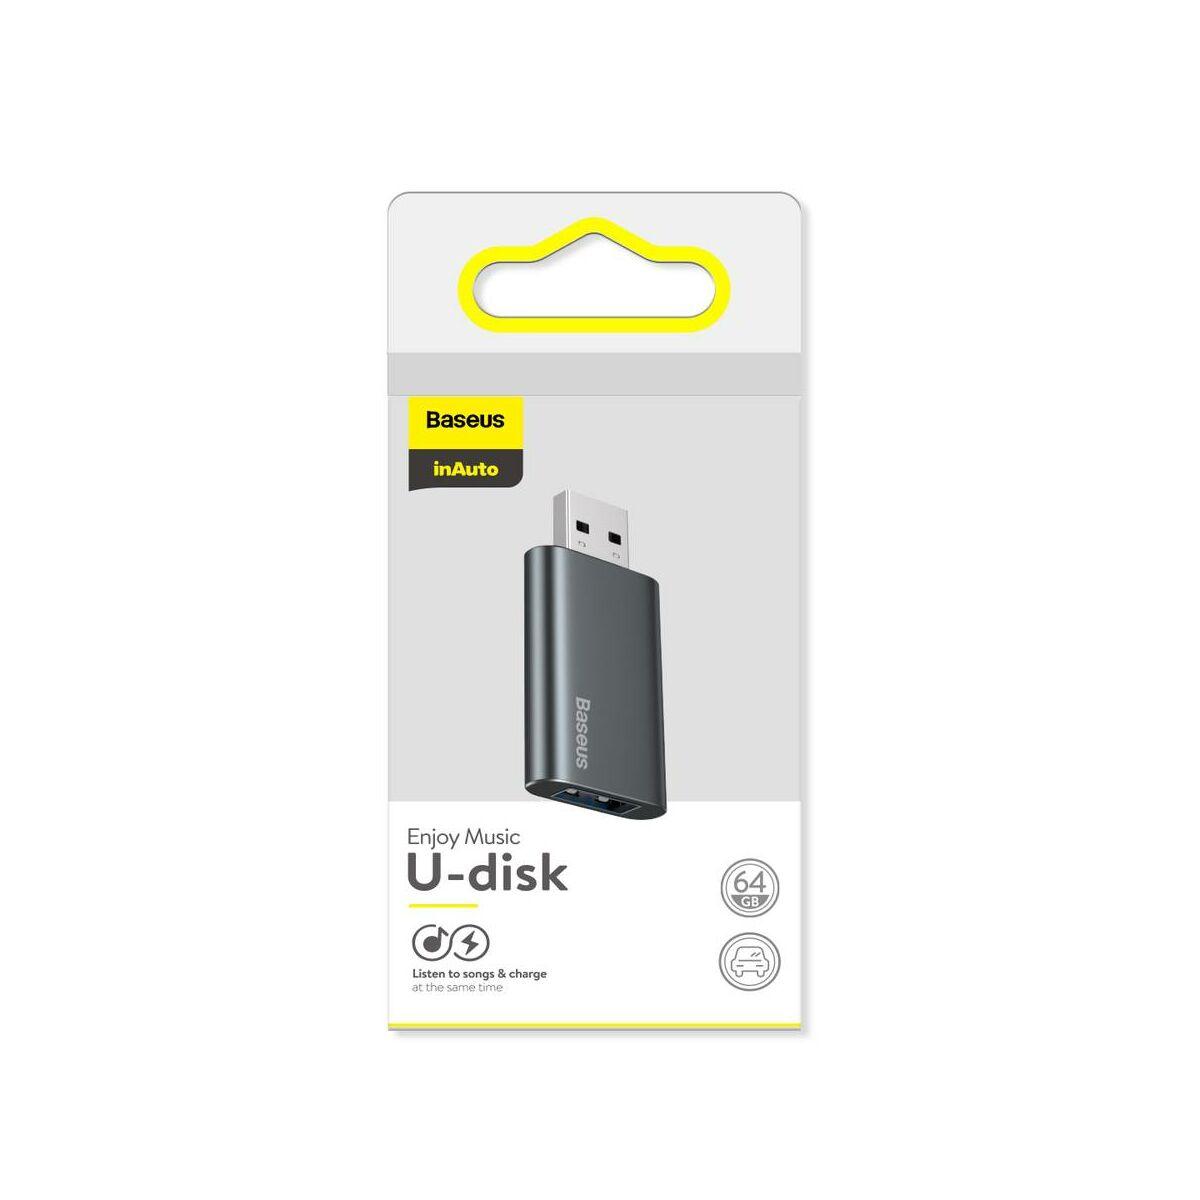 Baseus Audio, Enjoy Flash Drive USB 3.0 töltő funkcióval, alumínium ház, 64GB, fekete (ACUP-C0A)